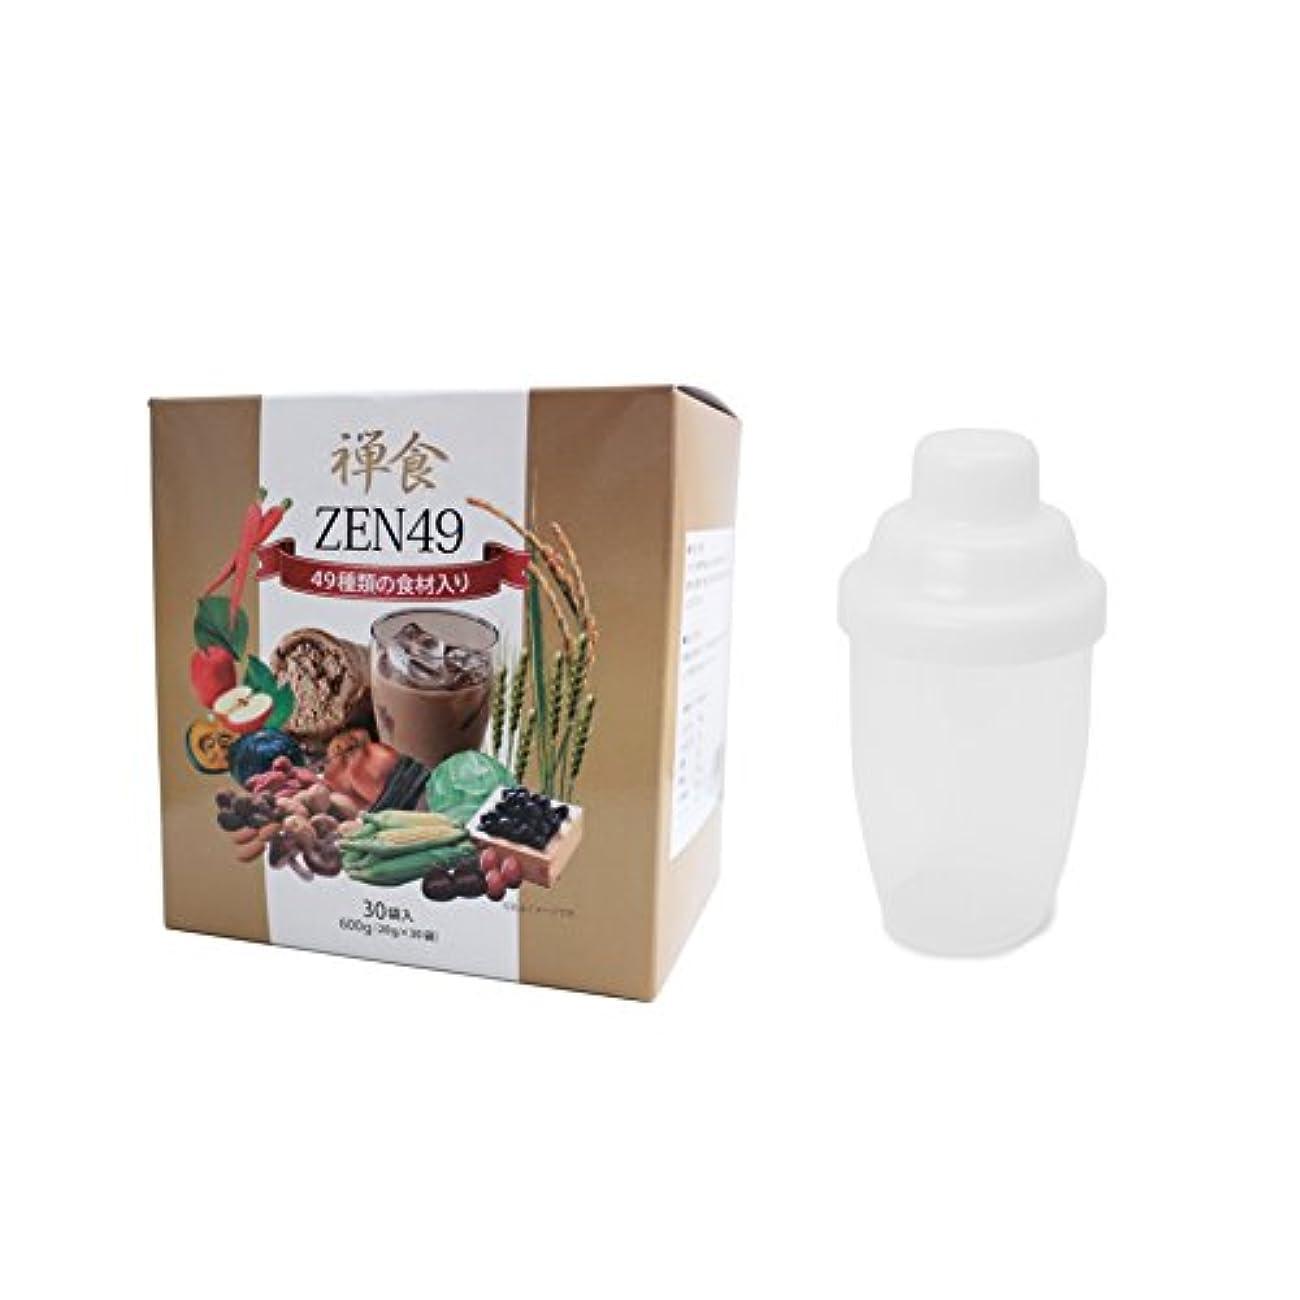 葉っぱ宇宙電気陽性禅食ZEN49 便利なシェイカーセット